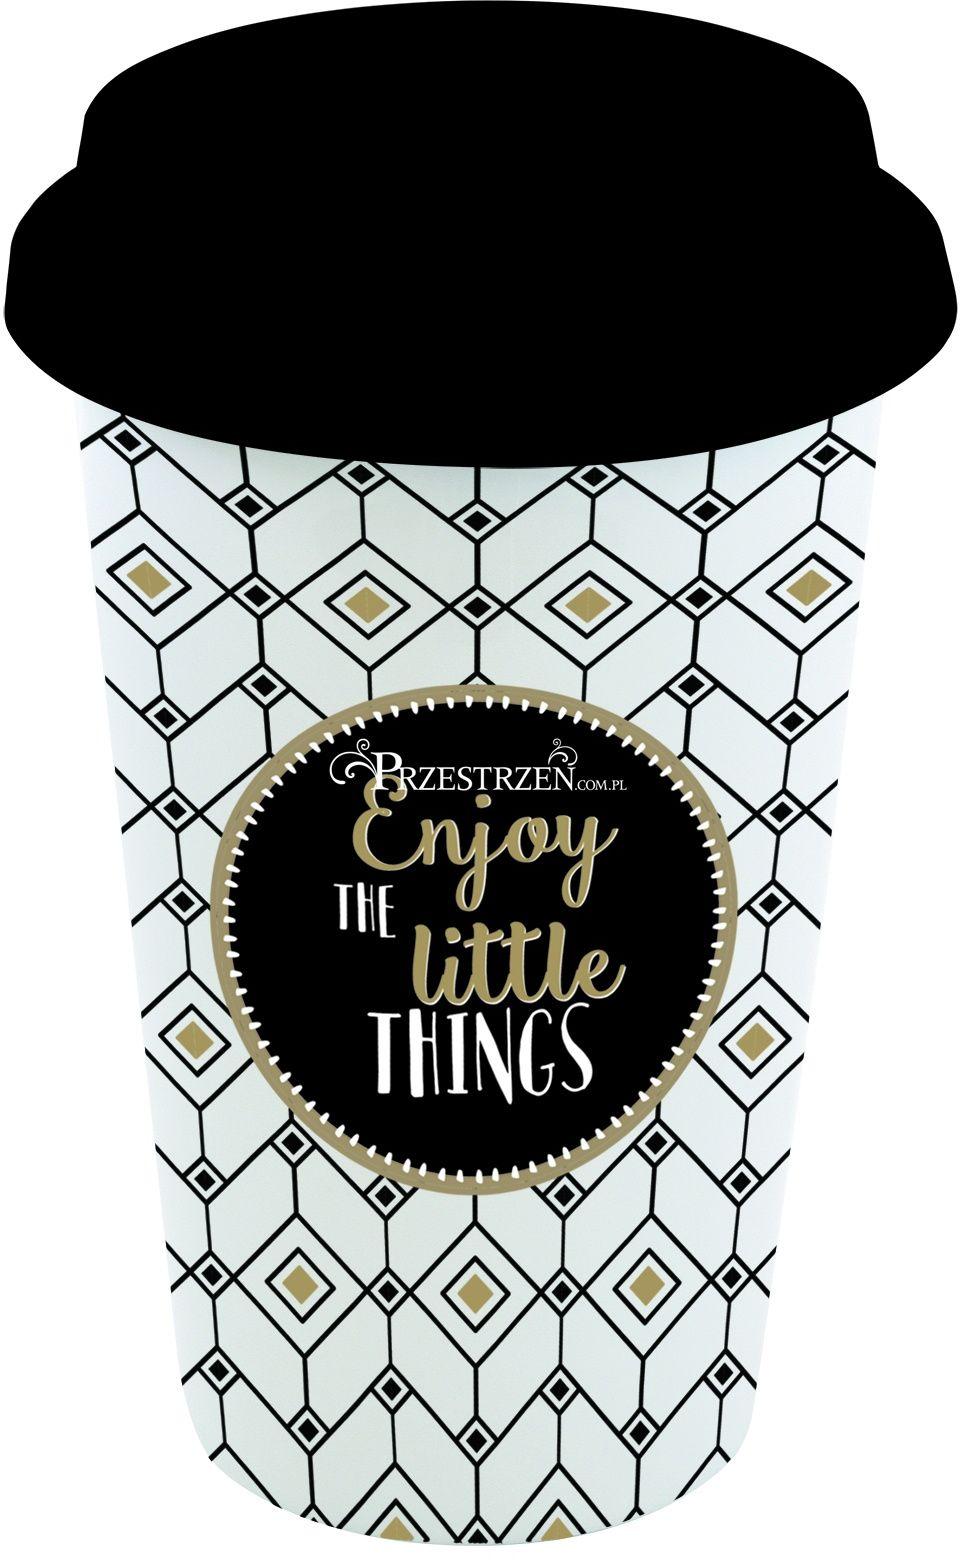 PORCELANOWY KUBEK PODRÓŻNY Z POKRYWKĄ - Enjoy the little things